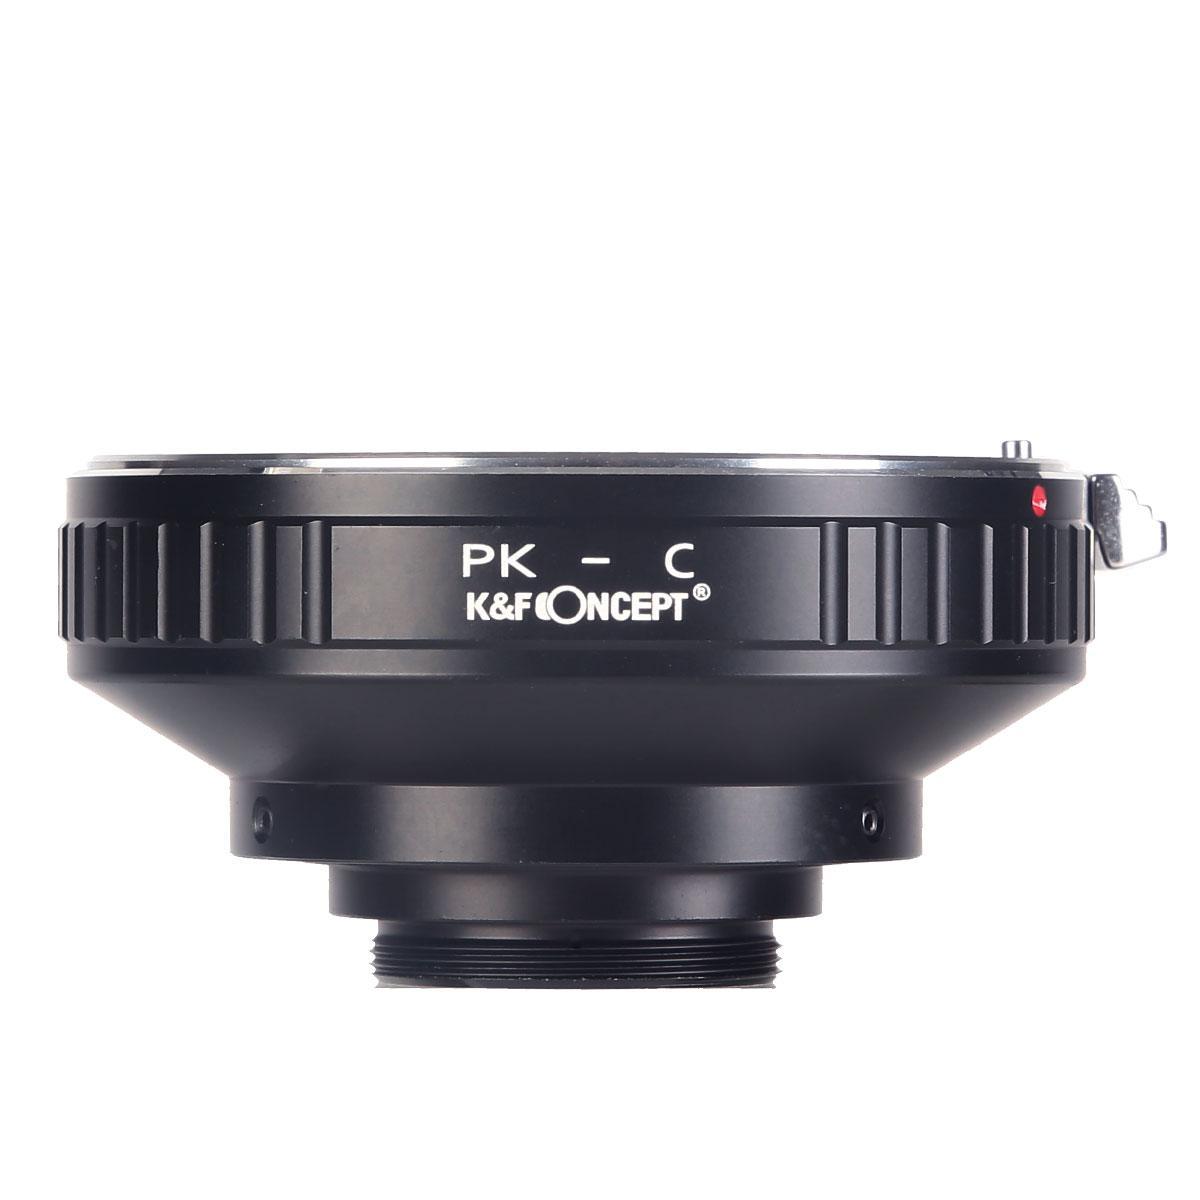 Pentax K Lenzen voor C Mount Camera Adapter